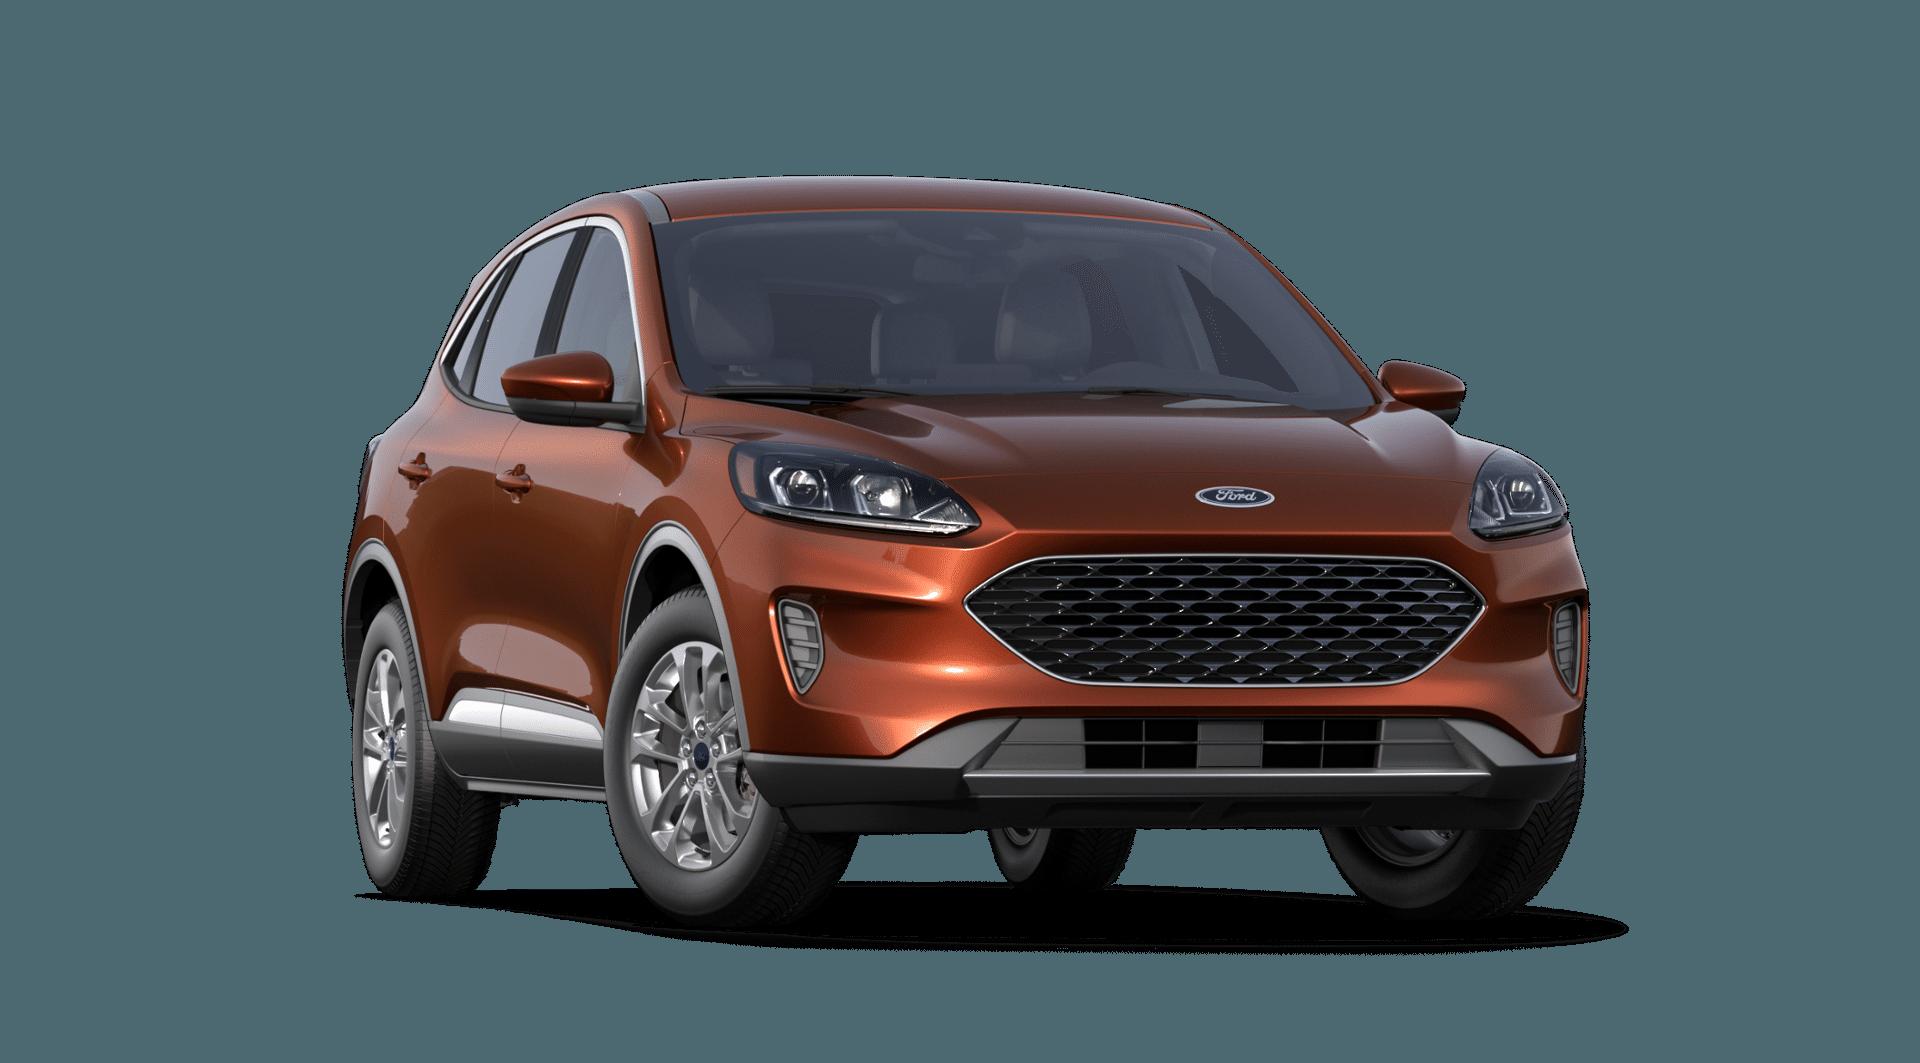 2020 Ford Escape Sedona Orange